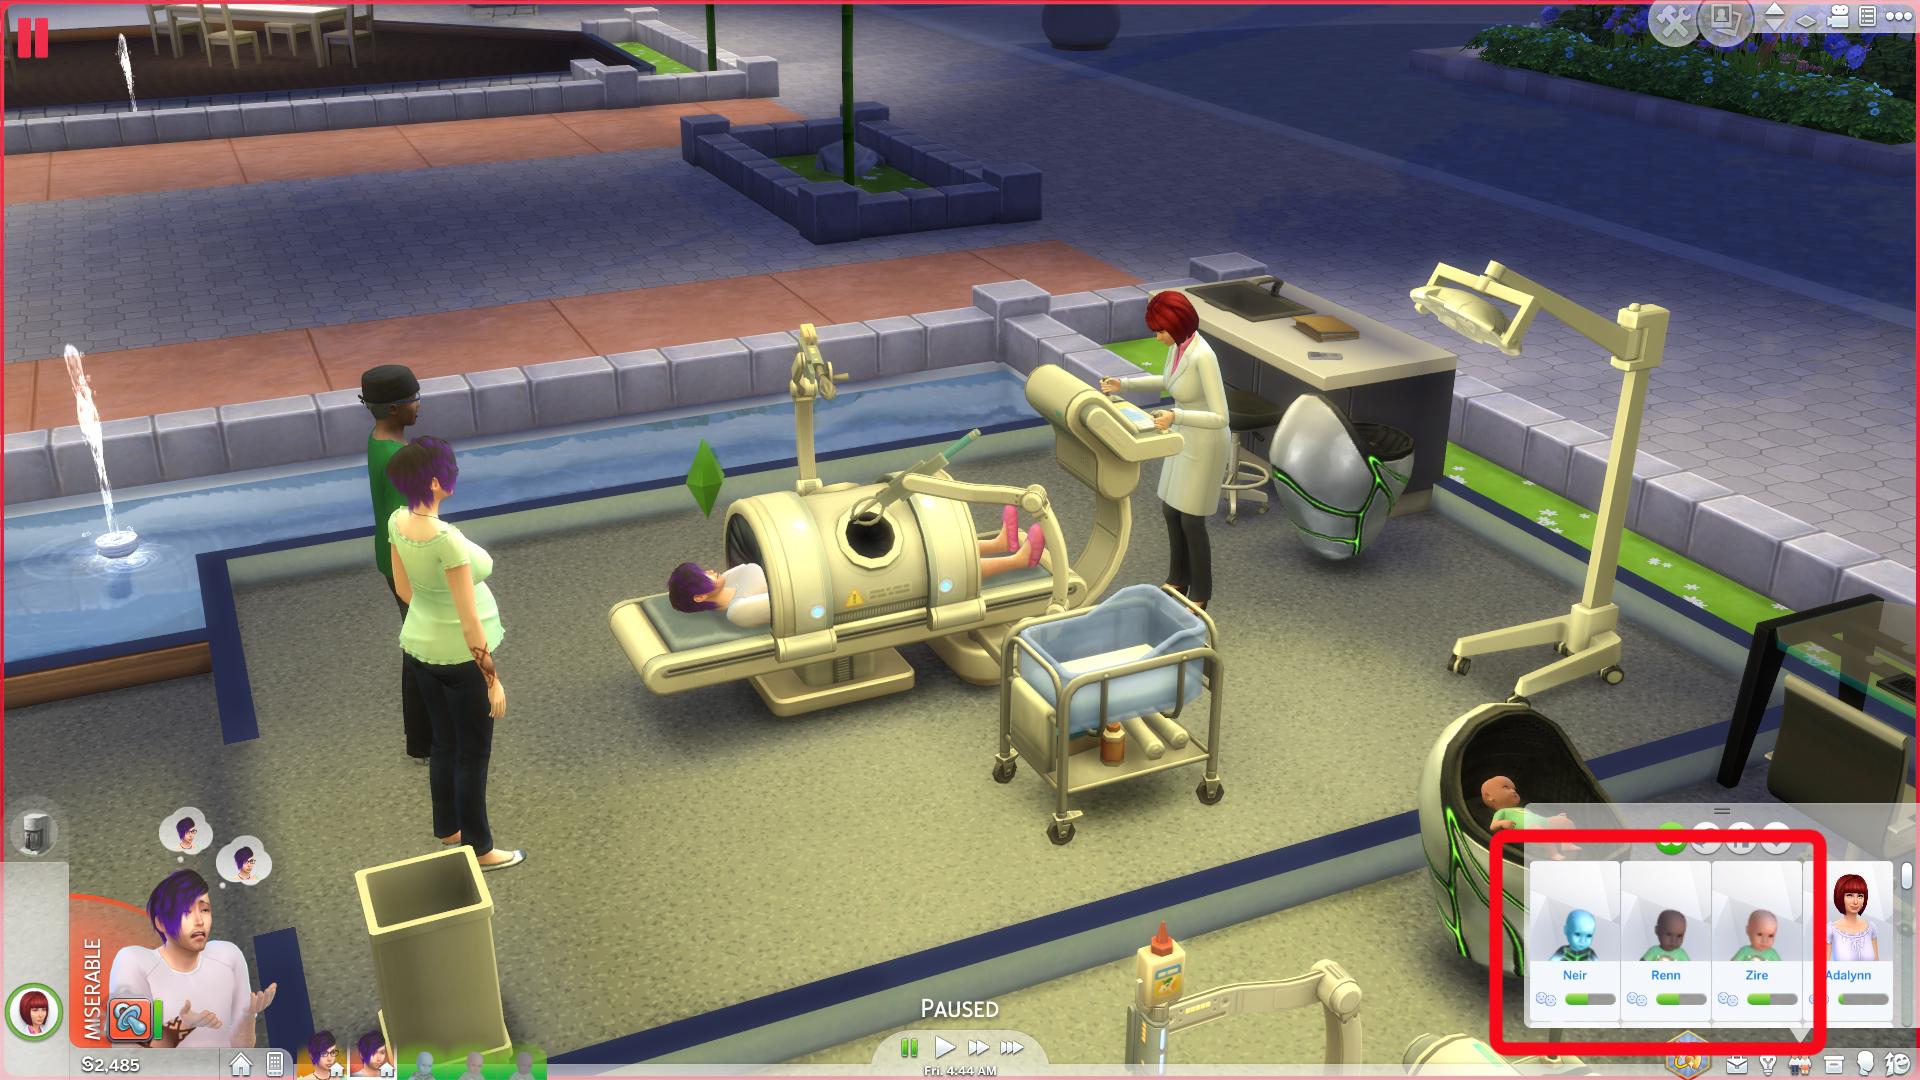 Sims 4 Maxis